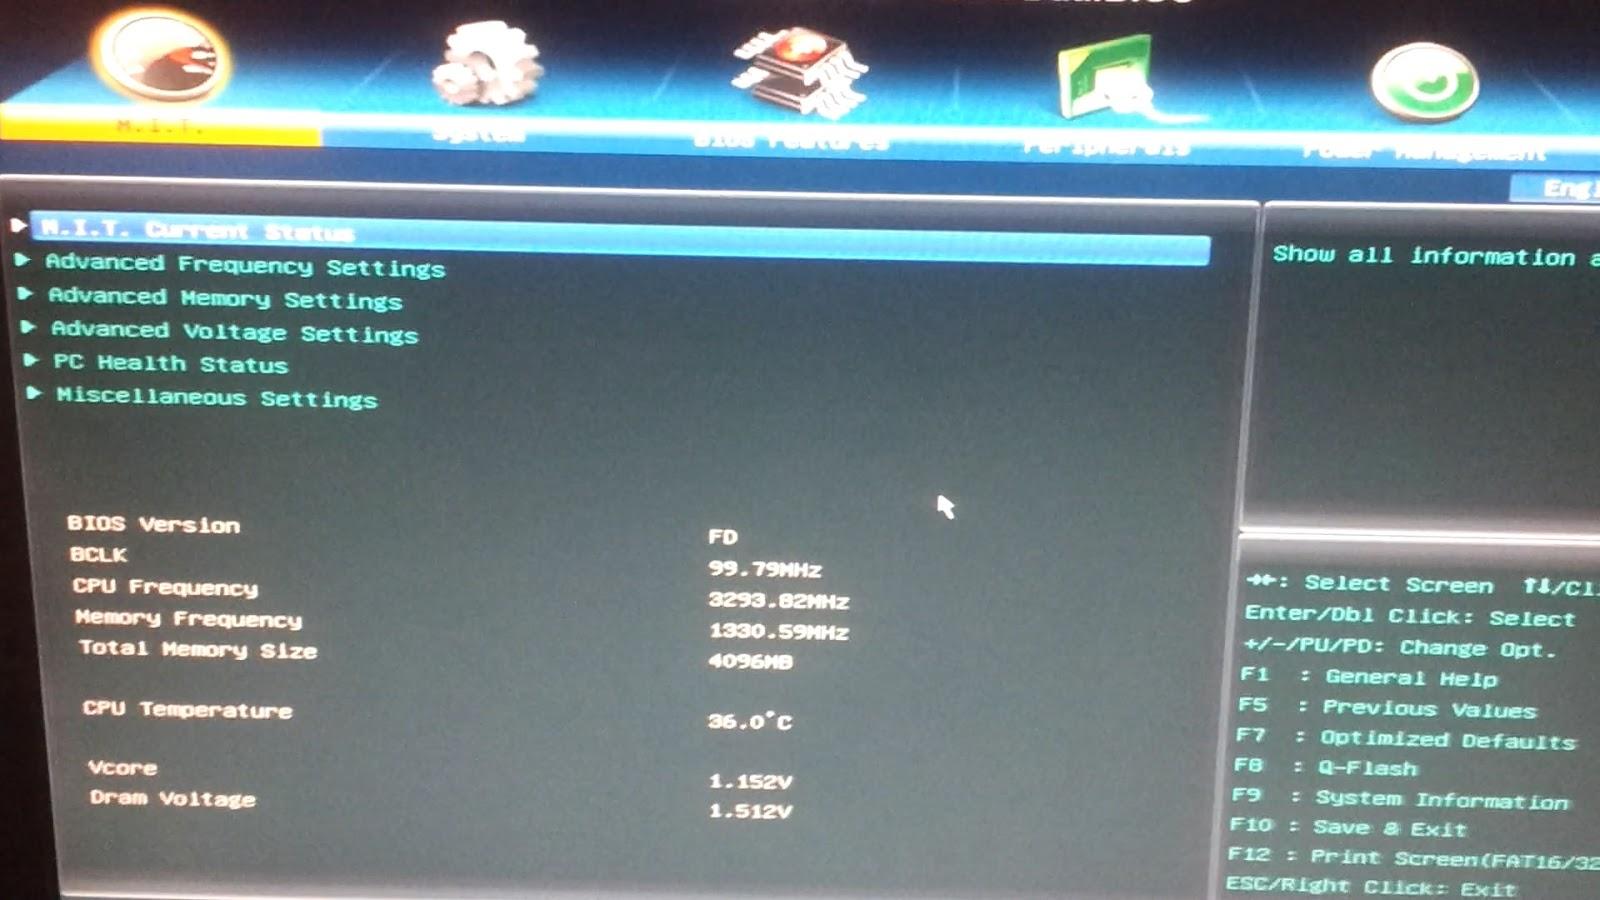 زيادة Vram كرت الشاشة الداخلى الى 1 جيجا وتشغيل Pes16